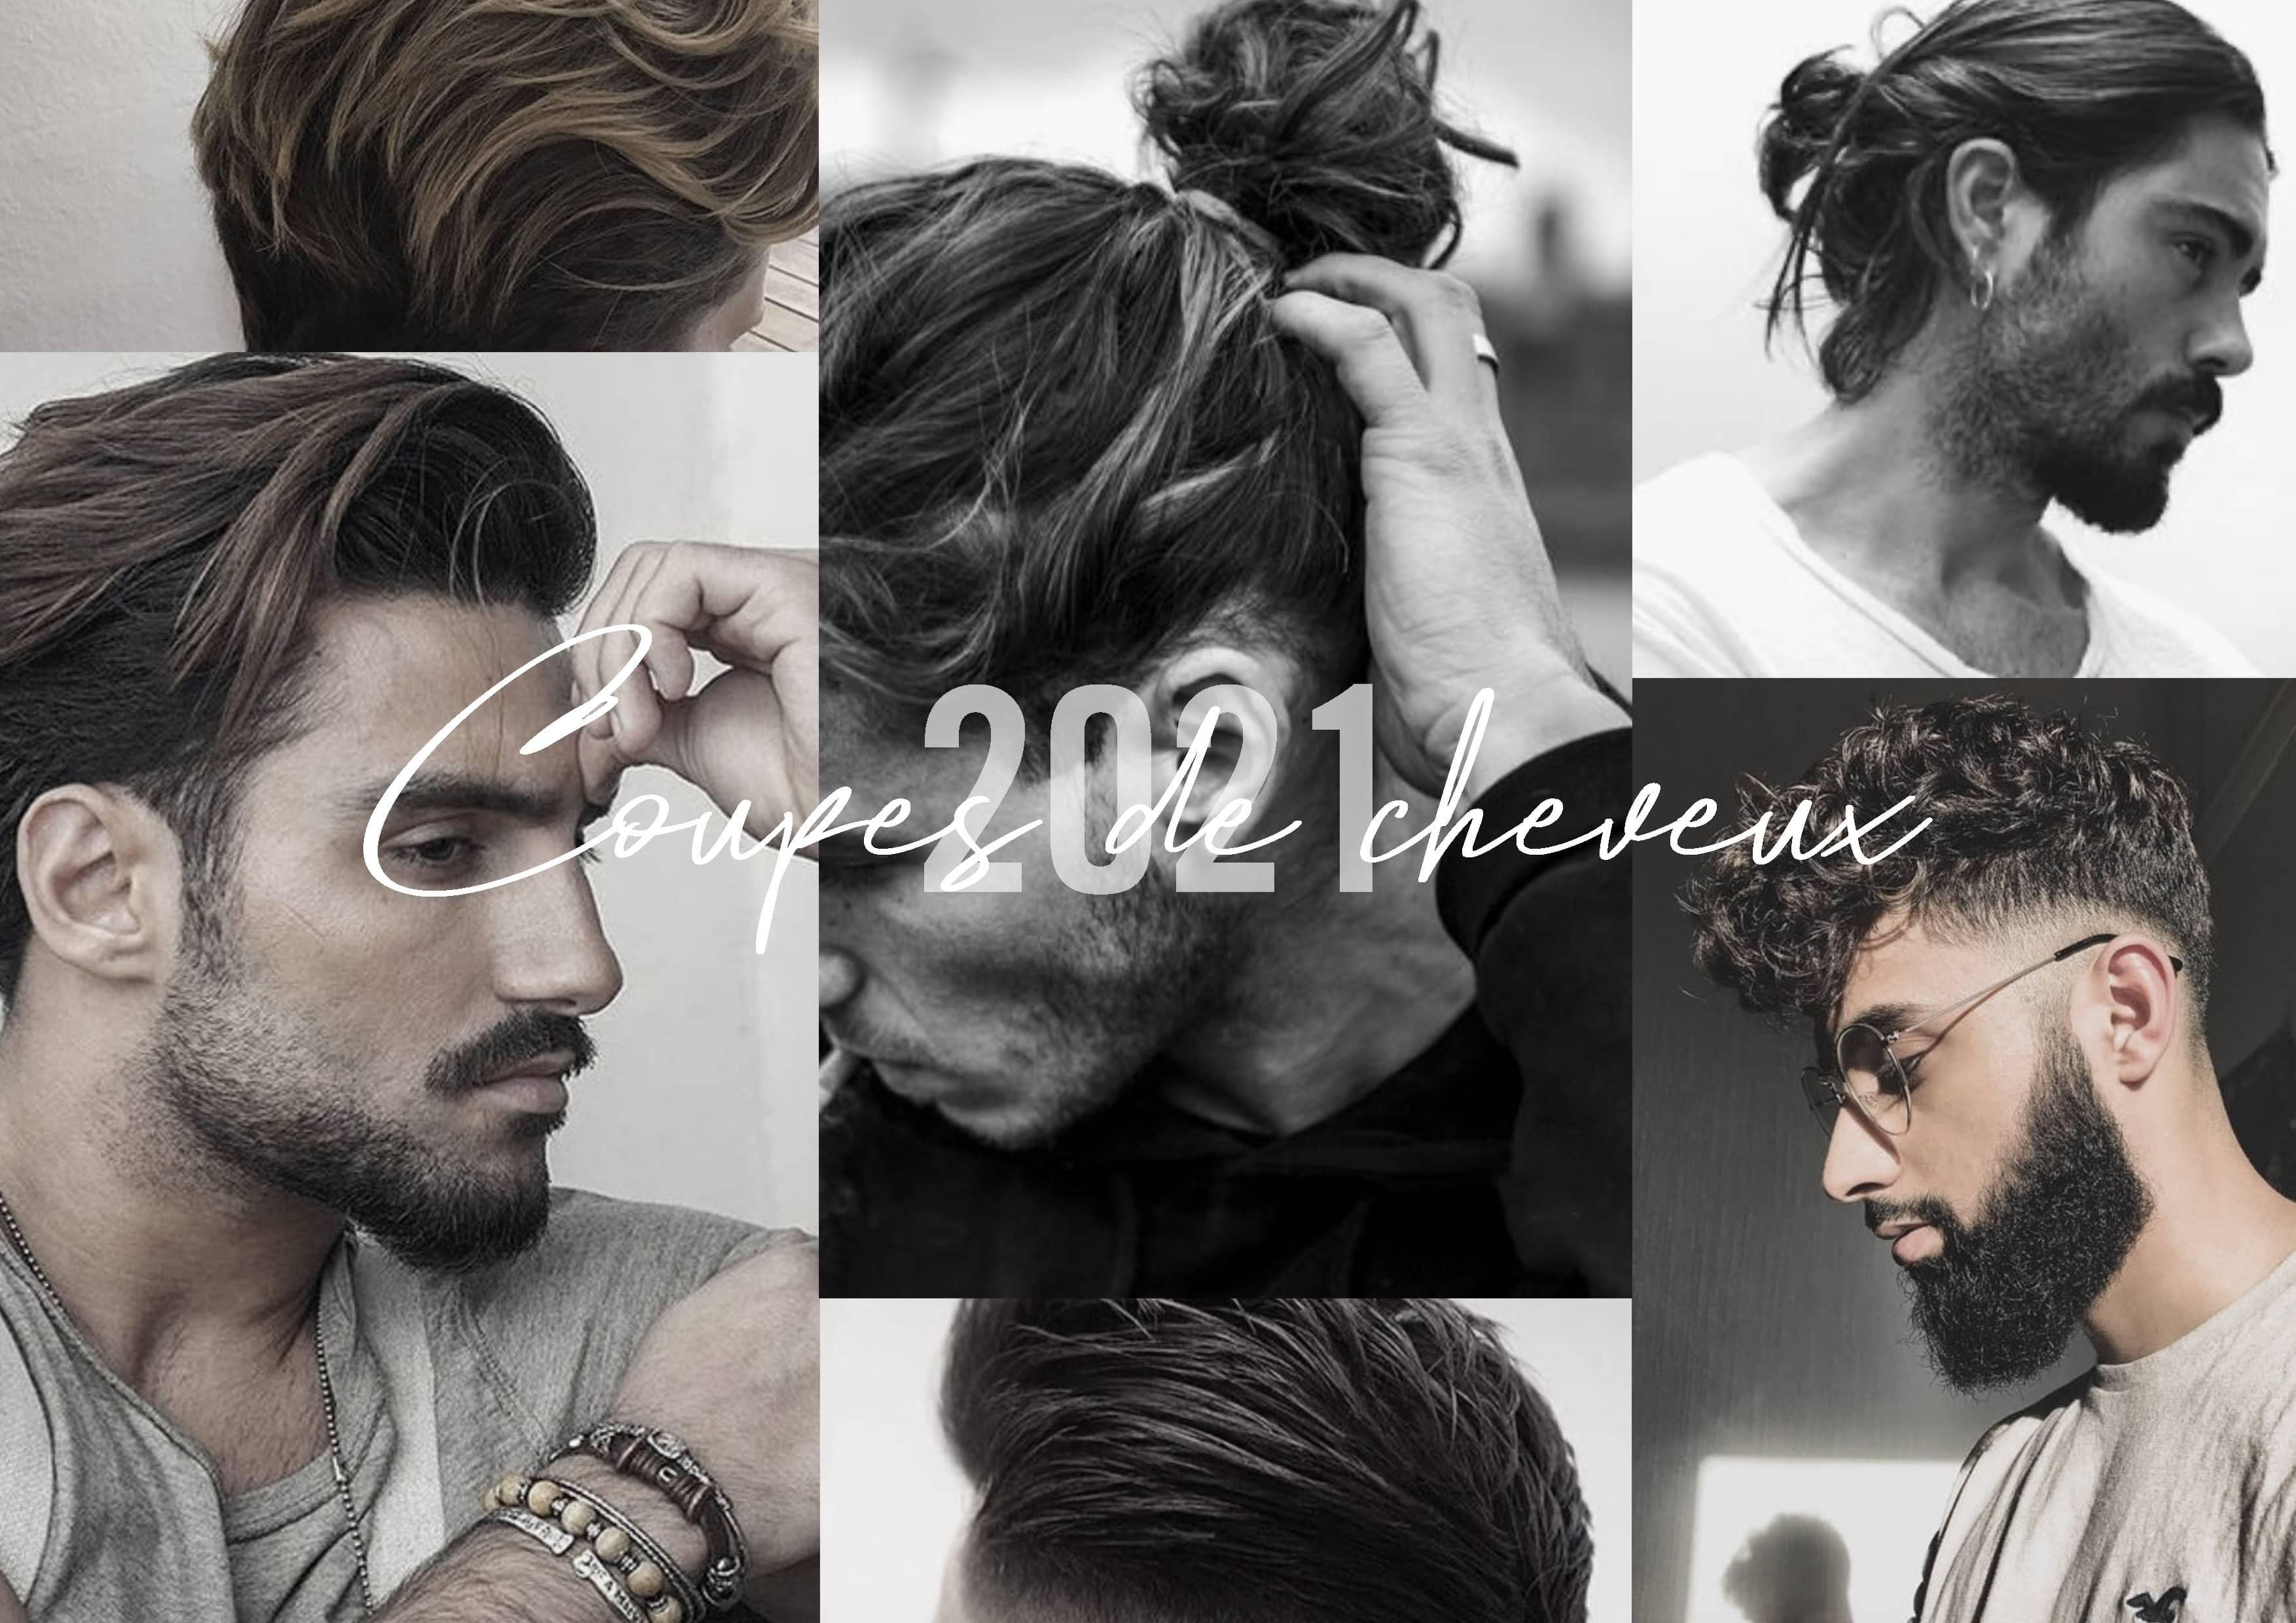 Coiffure homme 2021 : les coupes de cheveux tendances pour homme en 2021